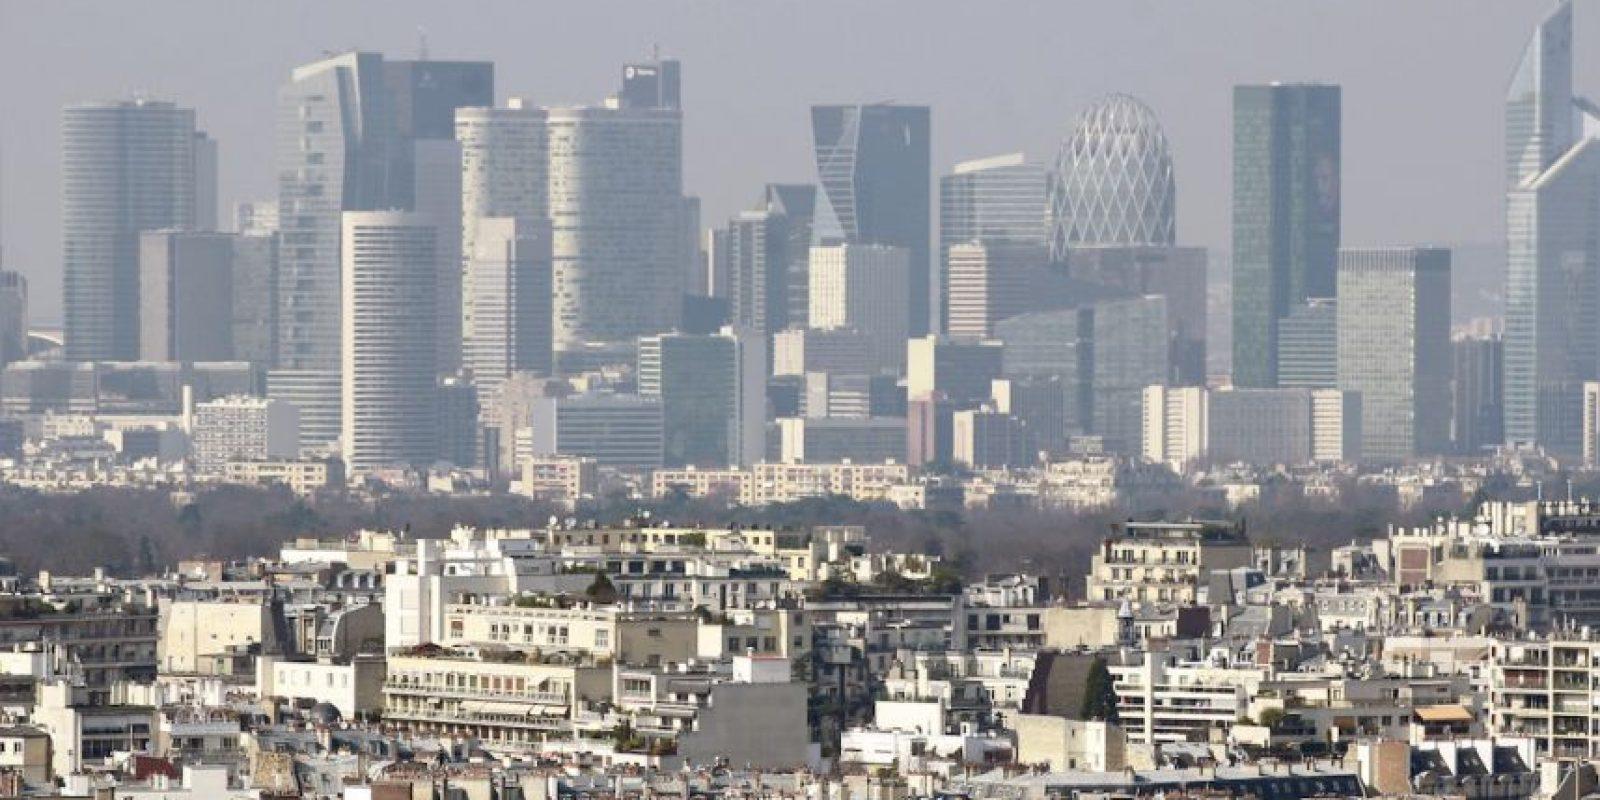 El miércoles de la semana pasada la ciudad tuvo el aire más sucio del mundo. Foto:AP